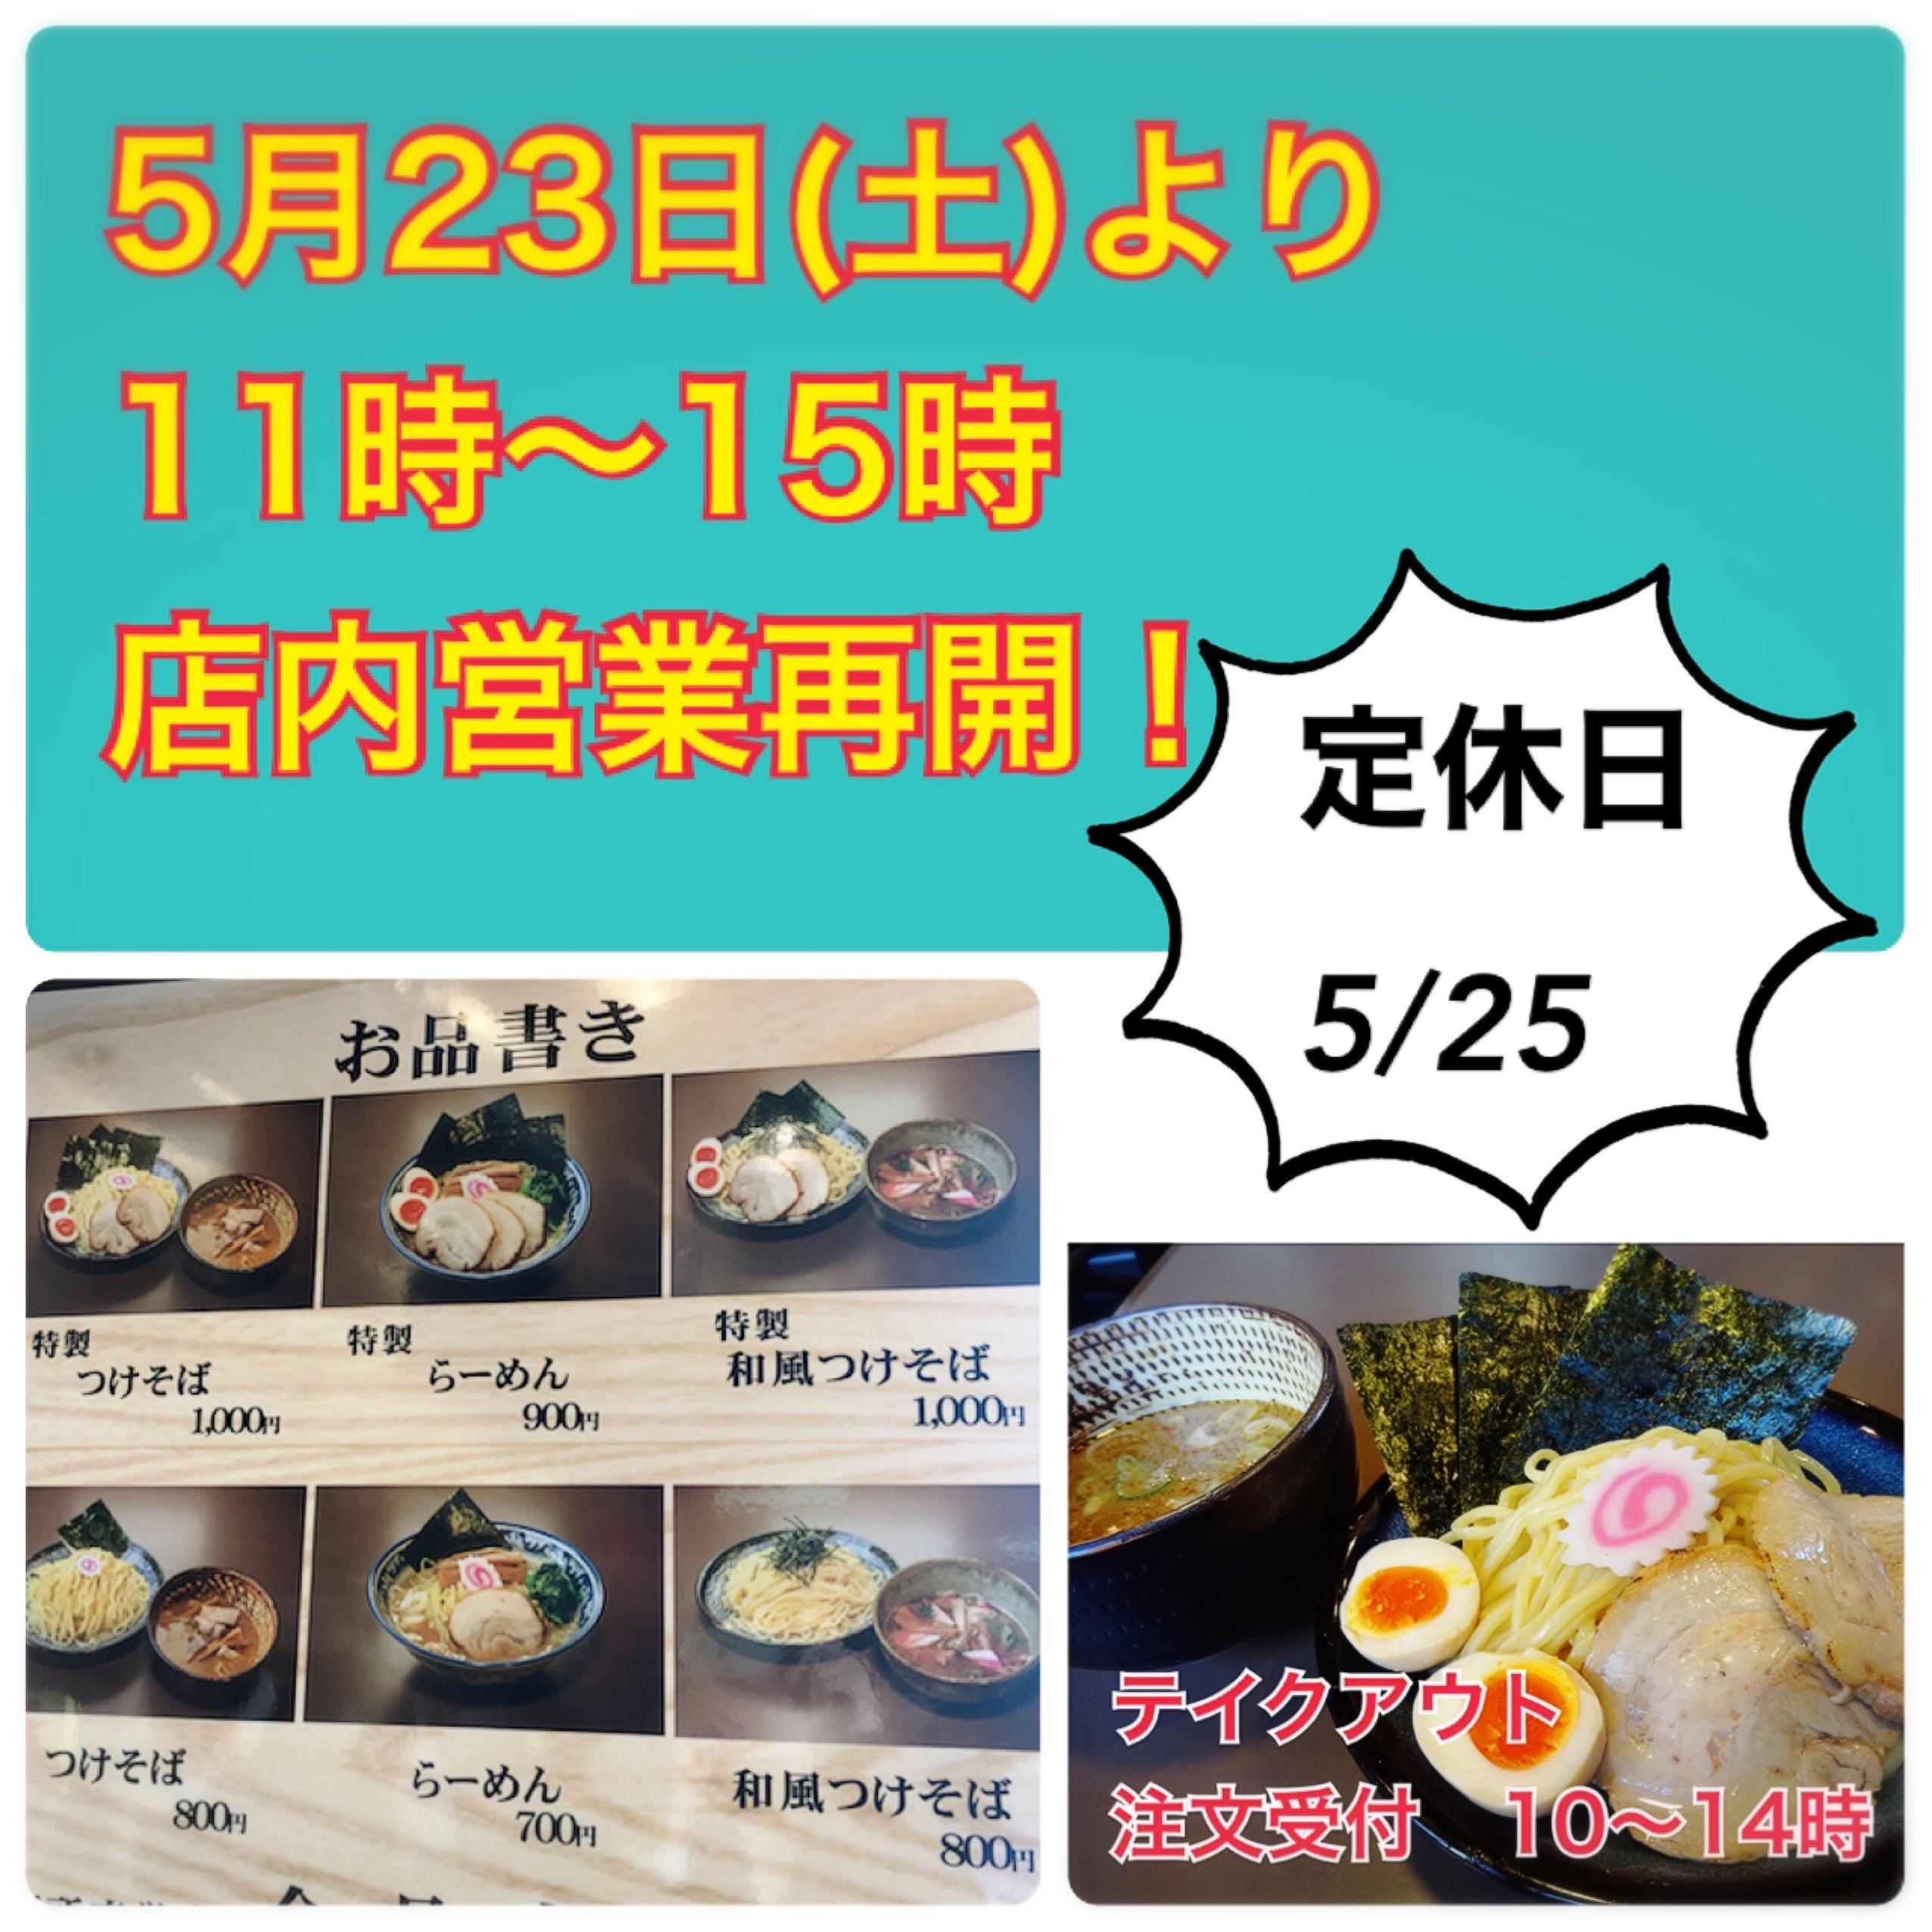 麺彩房中野本店@東京都中野区新井3-6-7 5月23日よりお昼の店内営業再開